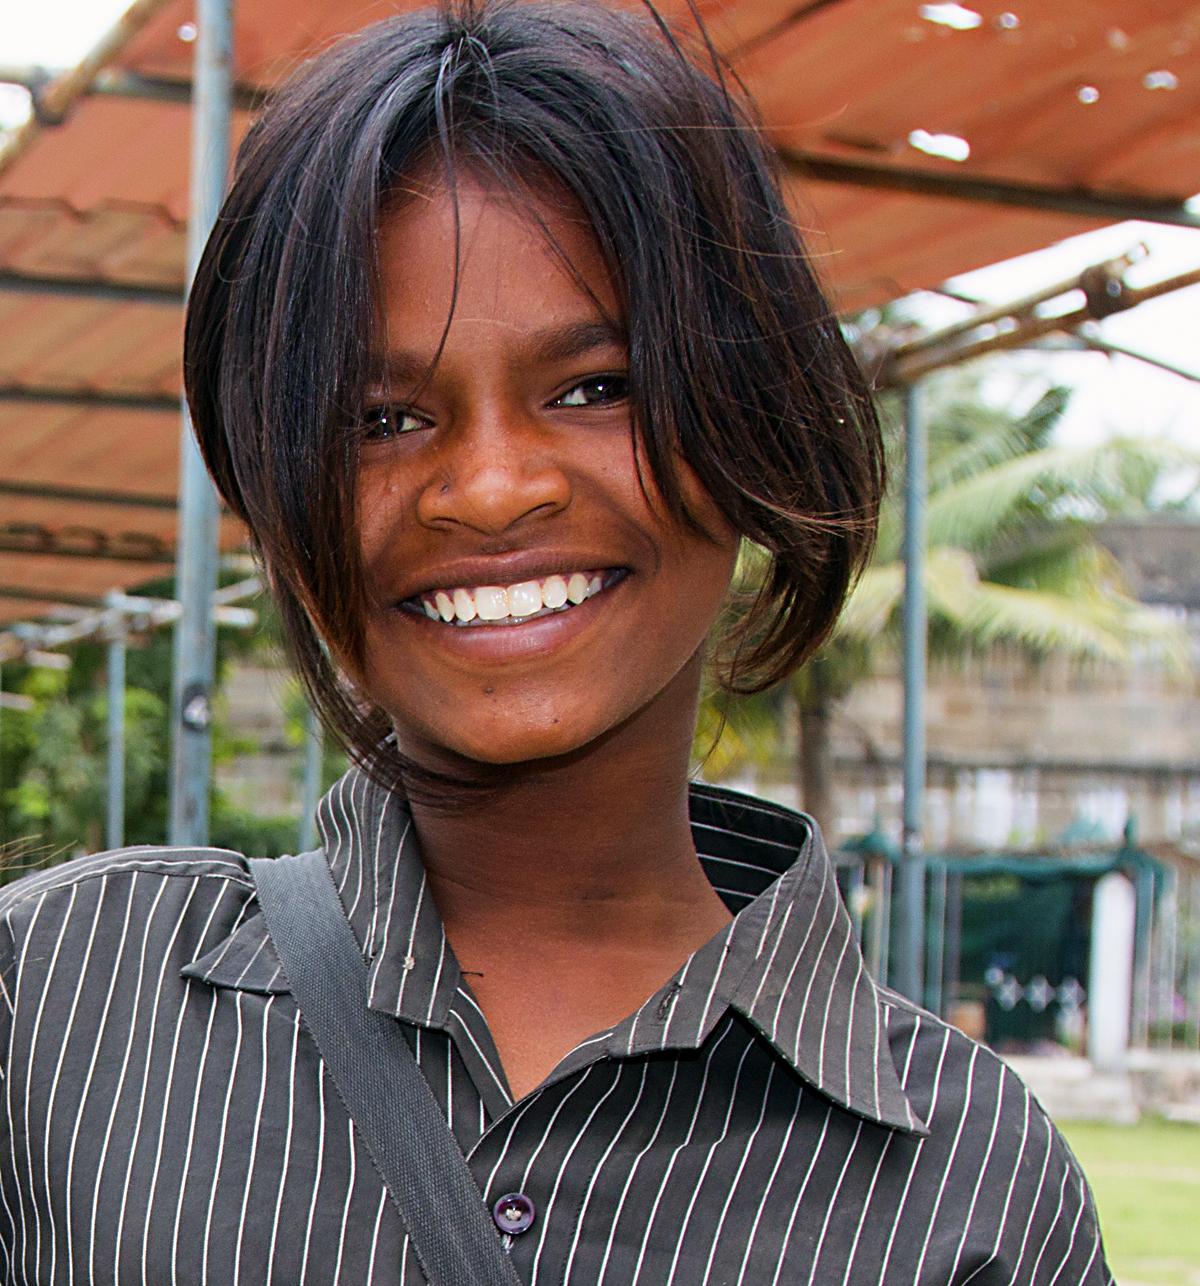 INDIEN Chennai Menschen Tempel FINEST-onTour 7485-1.jpg